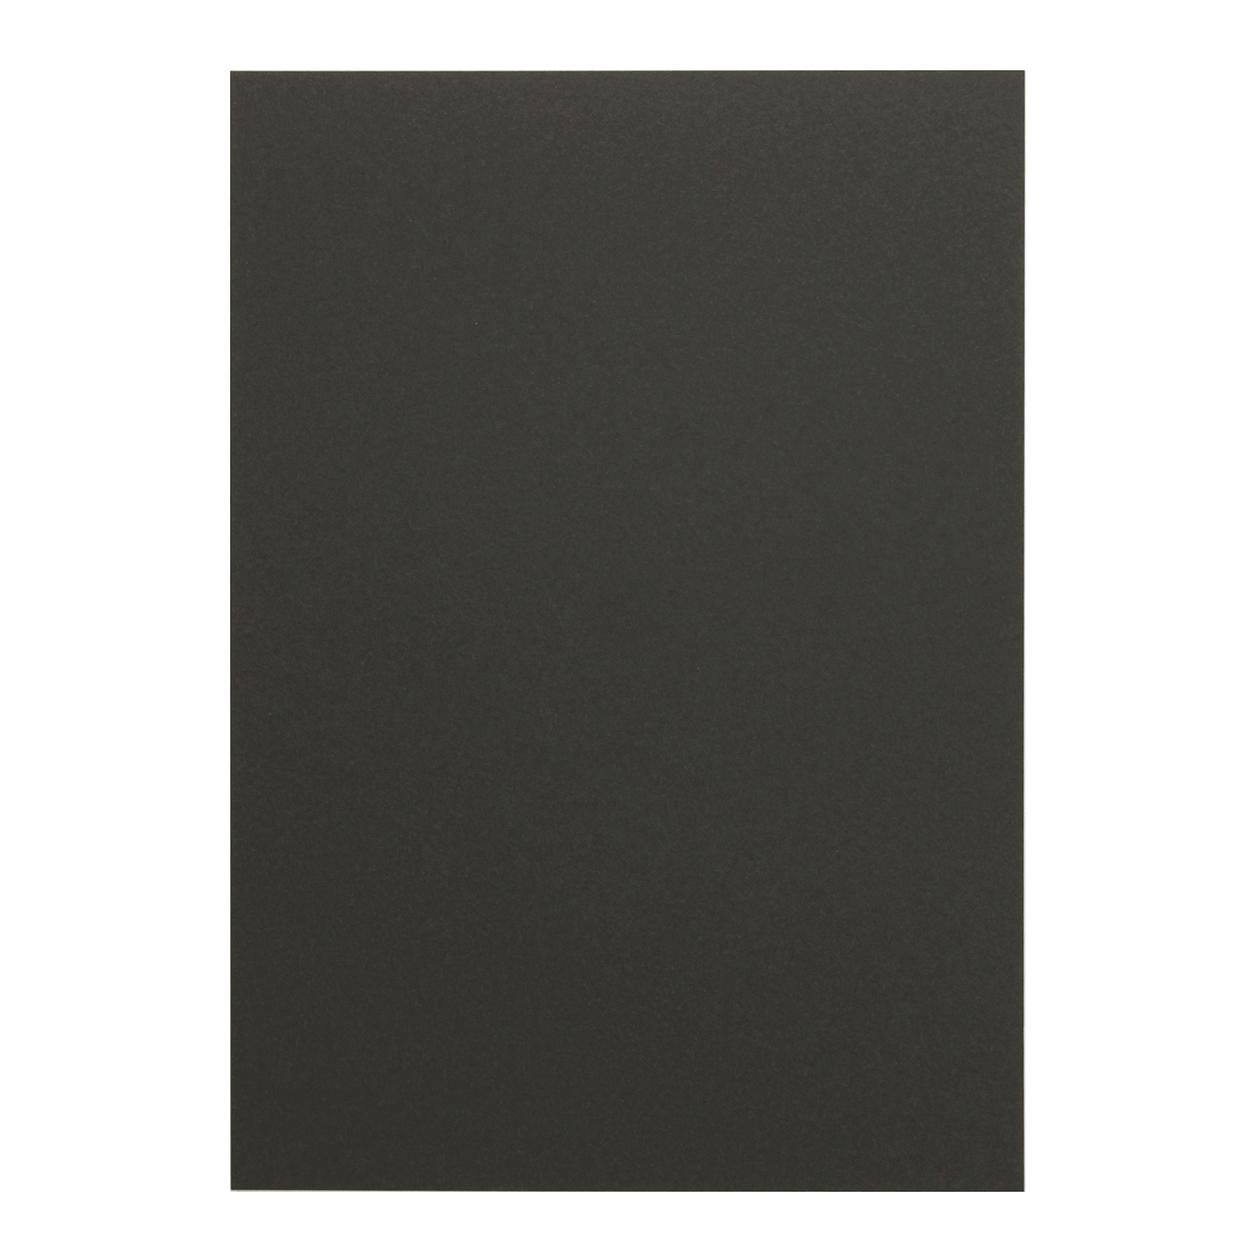 B5シート コットン(NTラシャ) 黒 116.3g